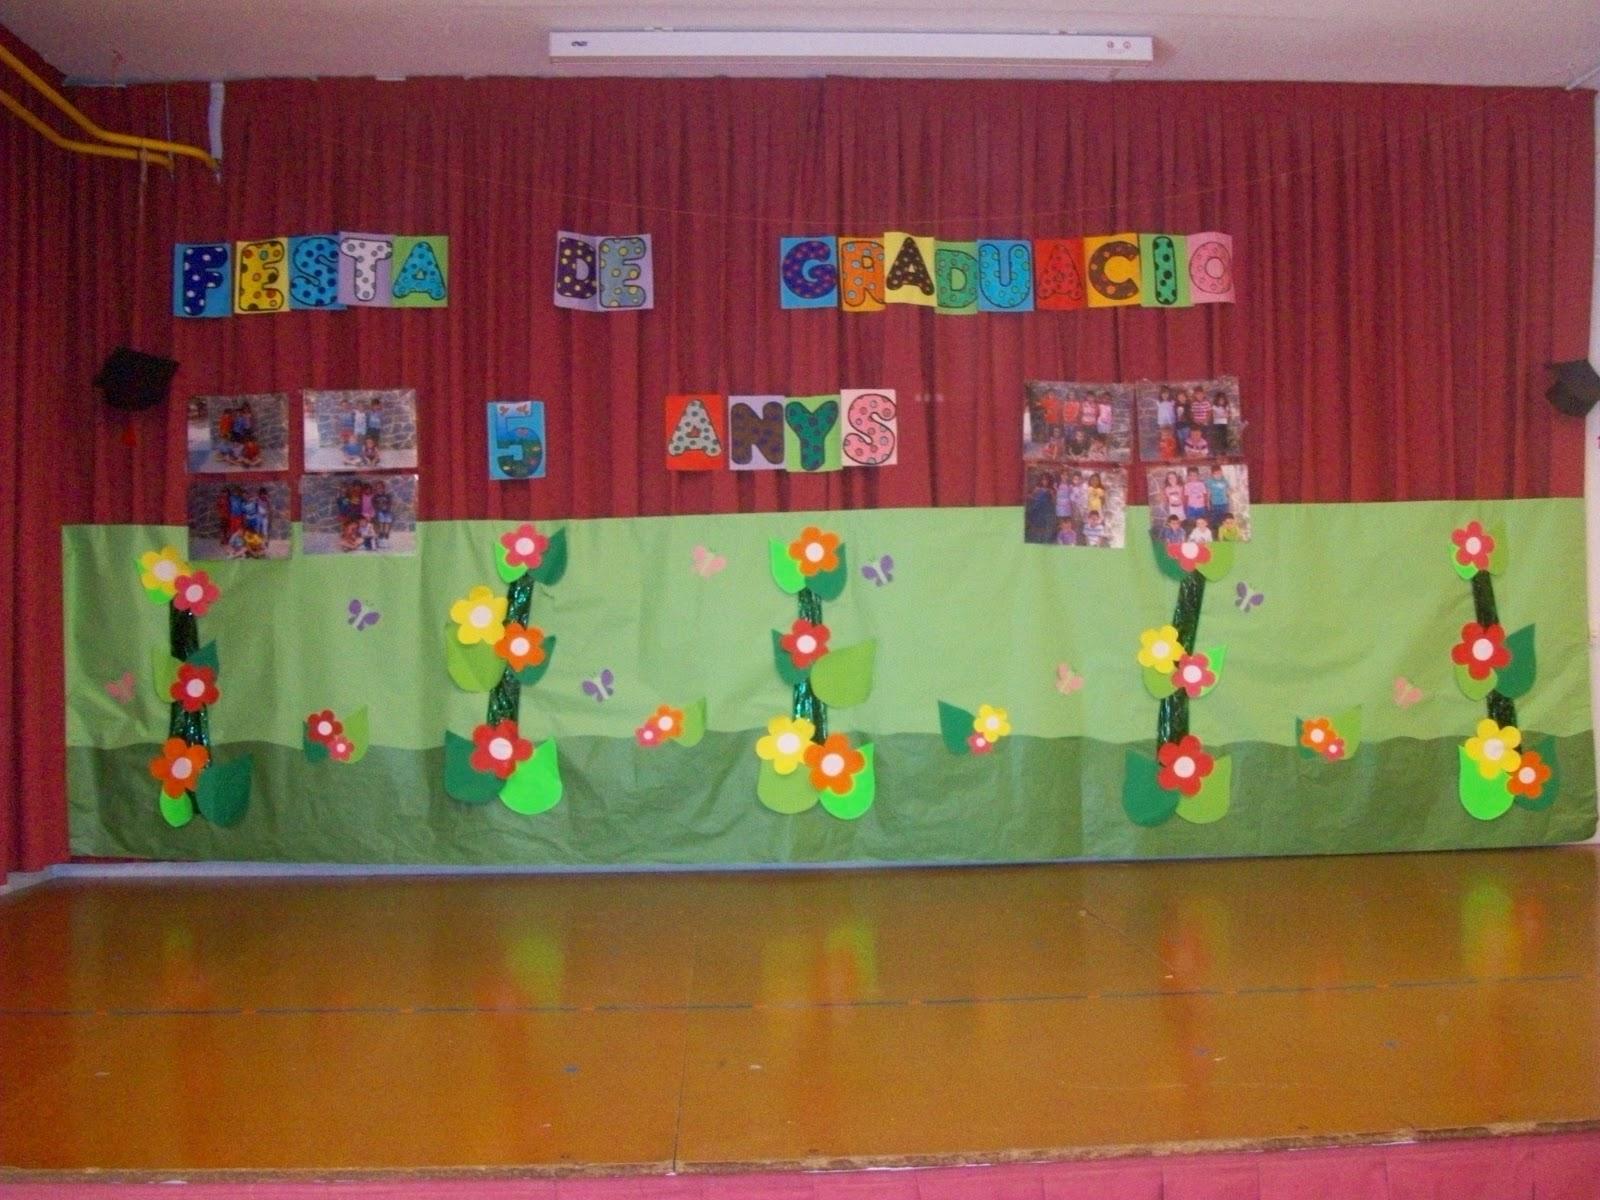 Decoracion Graduacion Infantil ~ Decoracion De Graduacion 18 Com Portal Pelautscom Picture  Apps